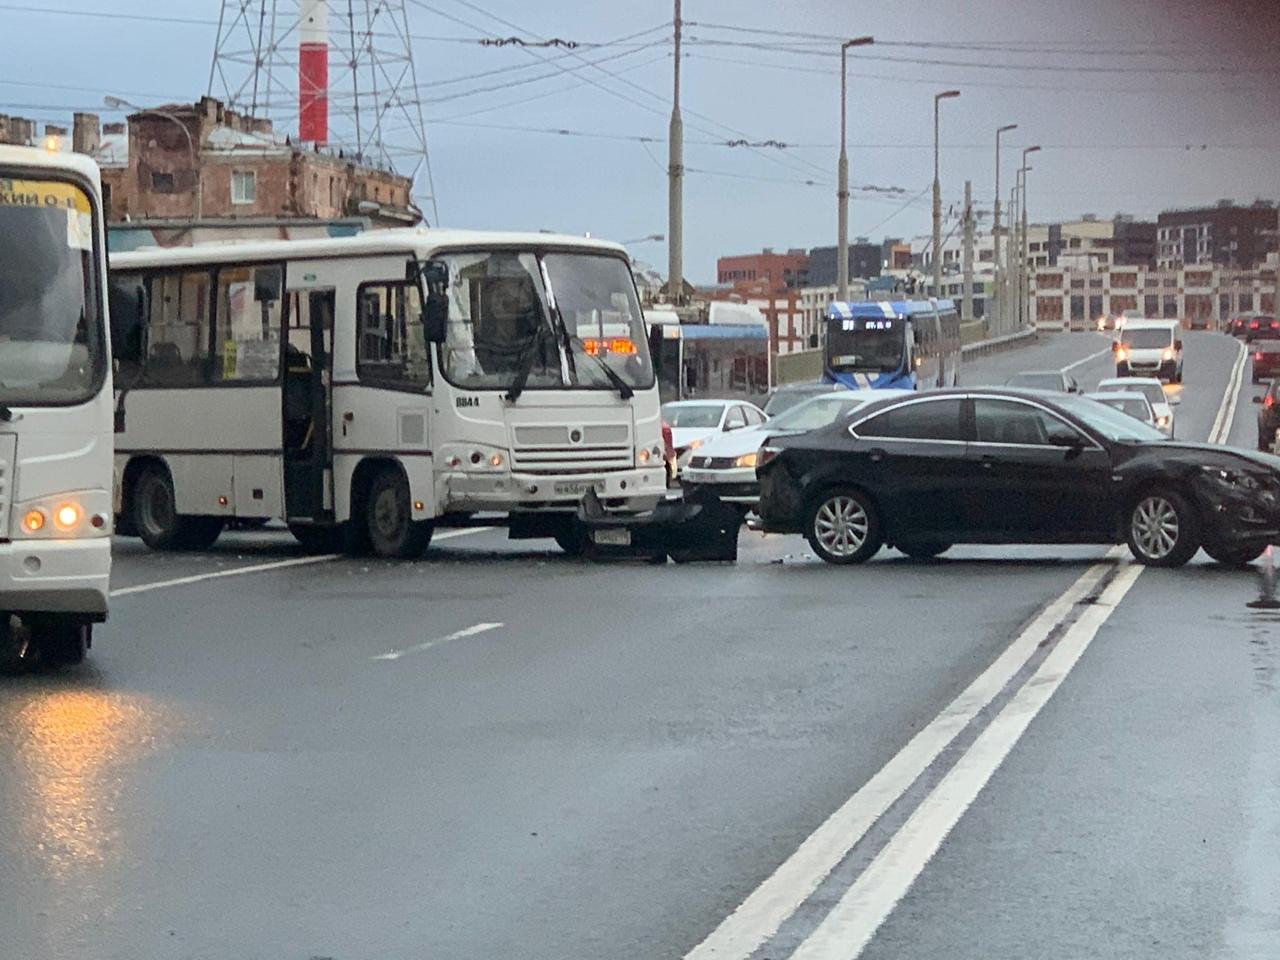 Перед Кантемировским мостом со стороны Лесной. Столкновение маршрутного автобуса и легковухи. У легк...